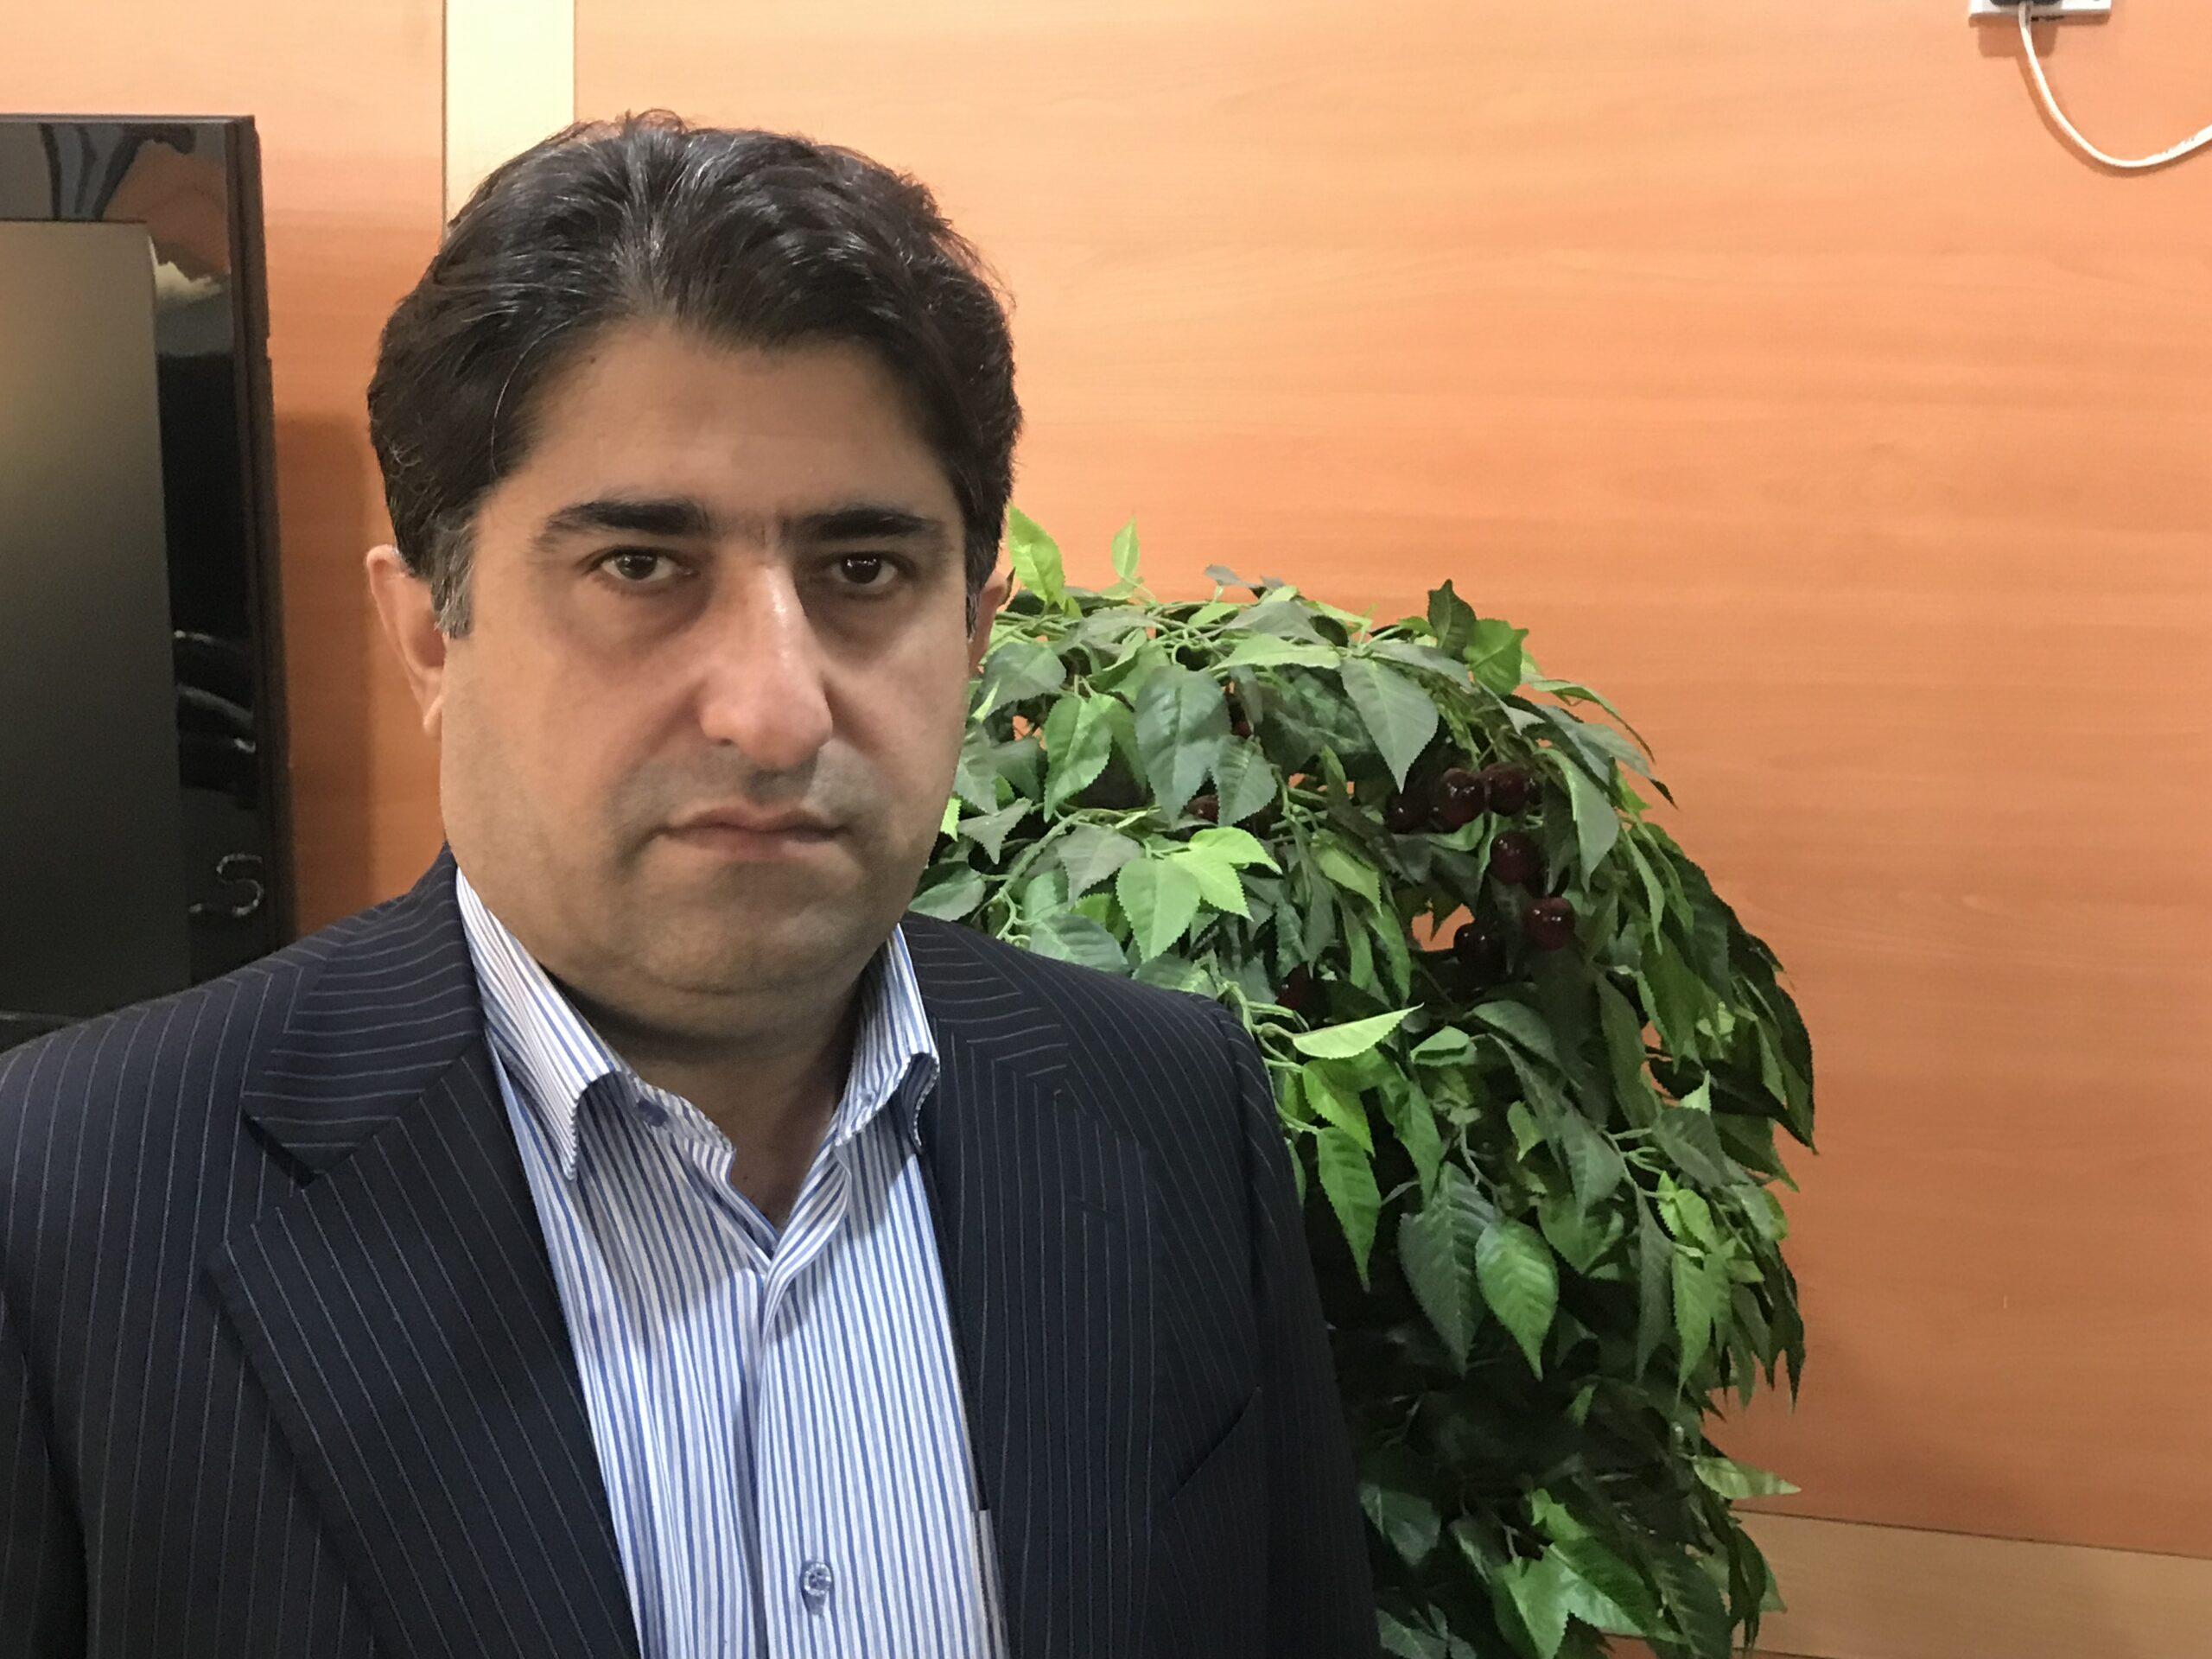 مدیر کل صمت خوزستان:در بدترین شرایط تحریم اجازه ندادیم کالا نایاب شود